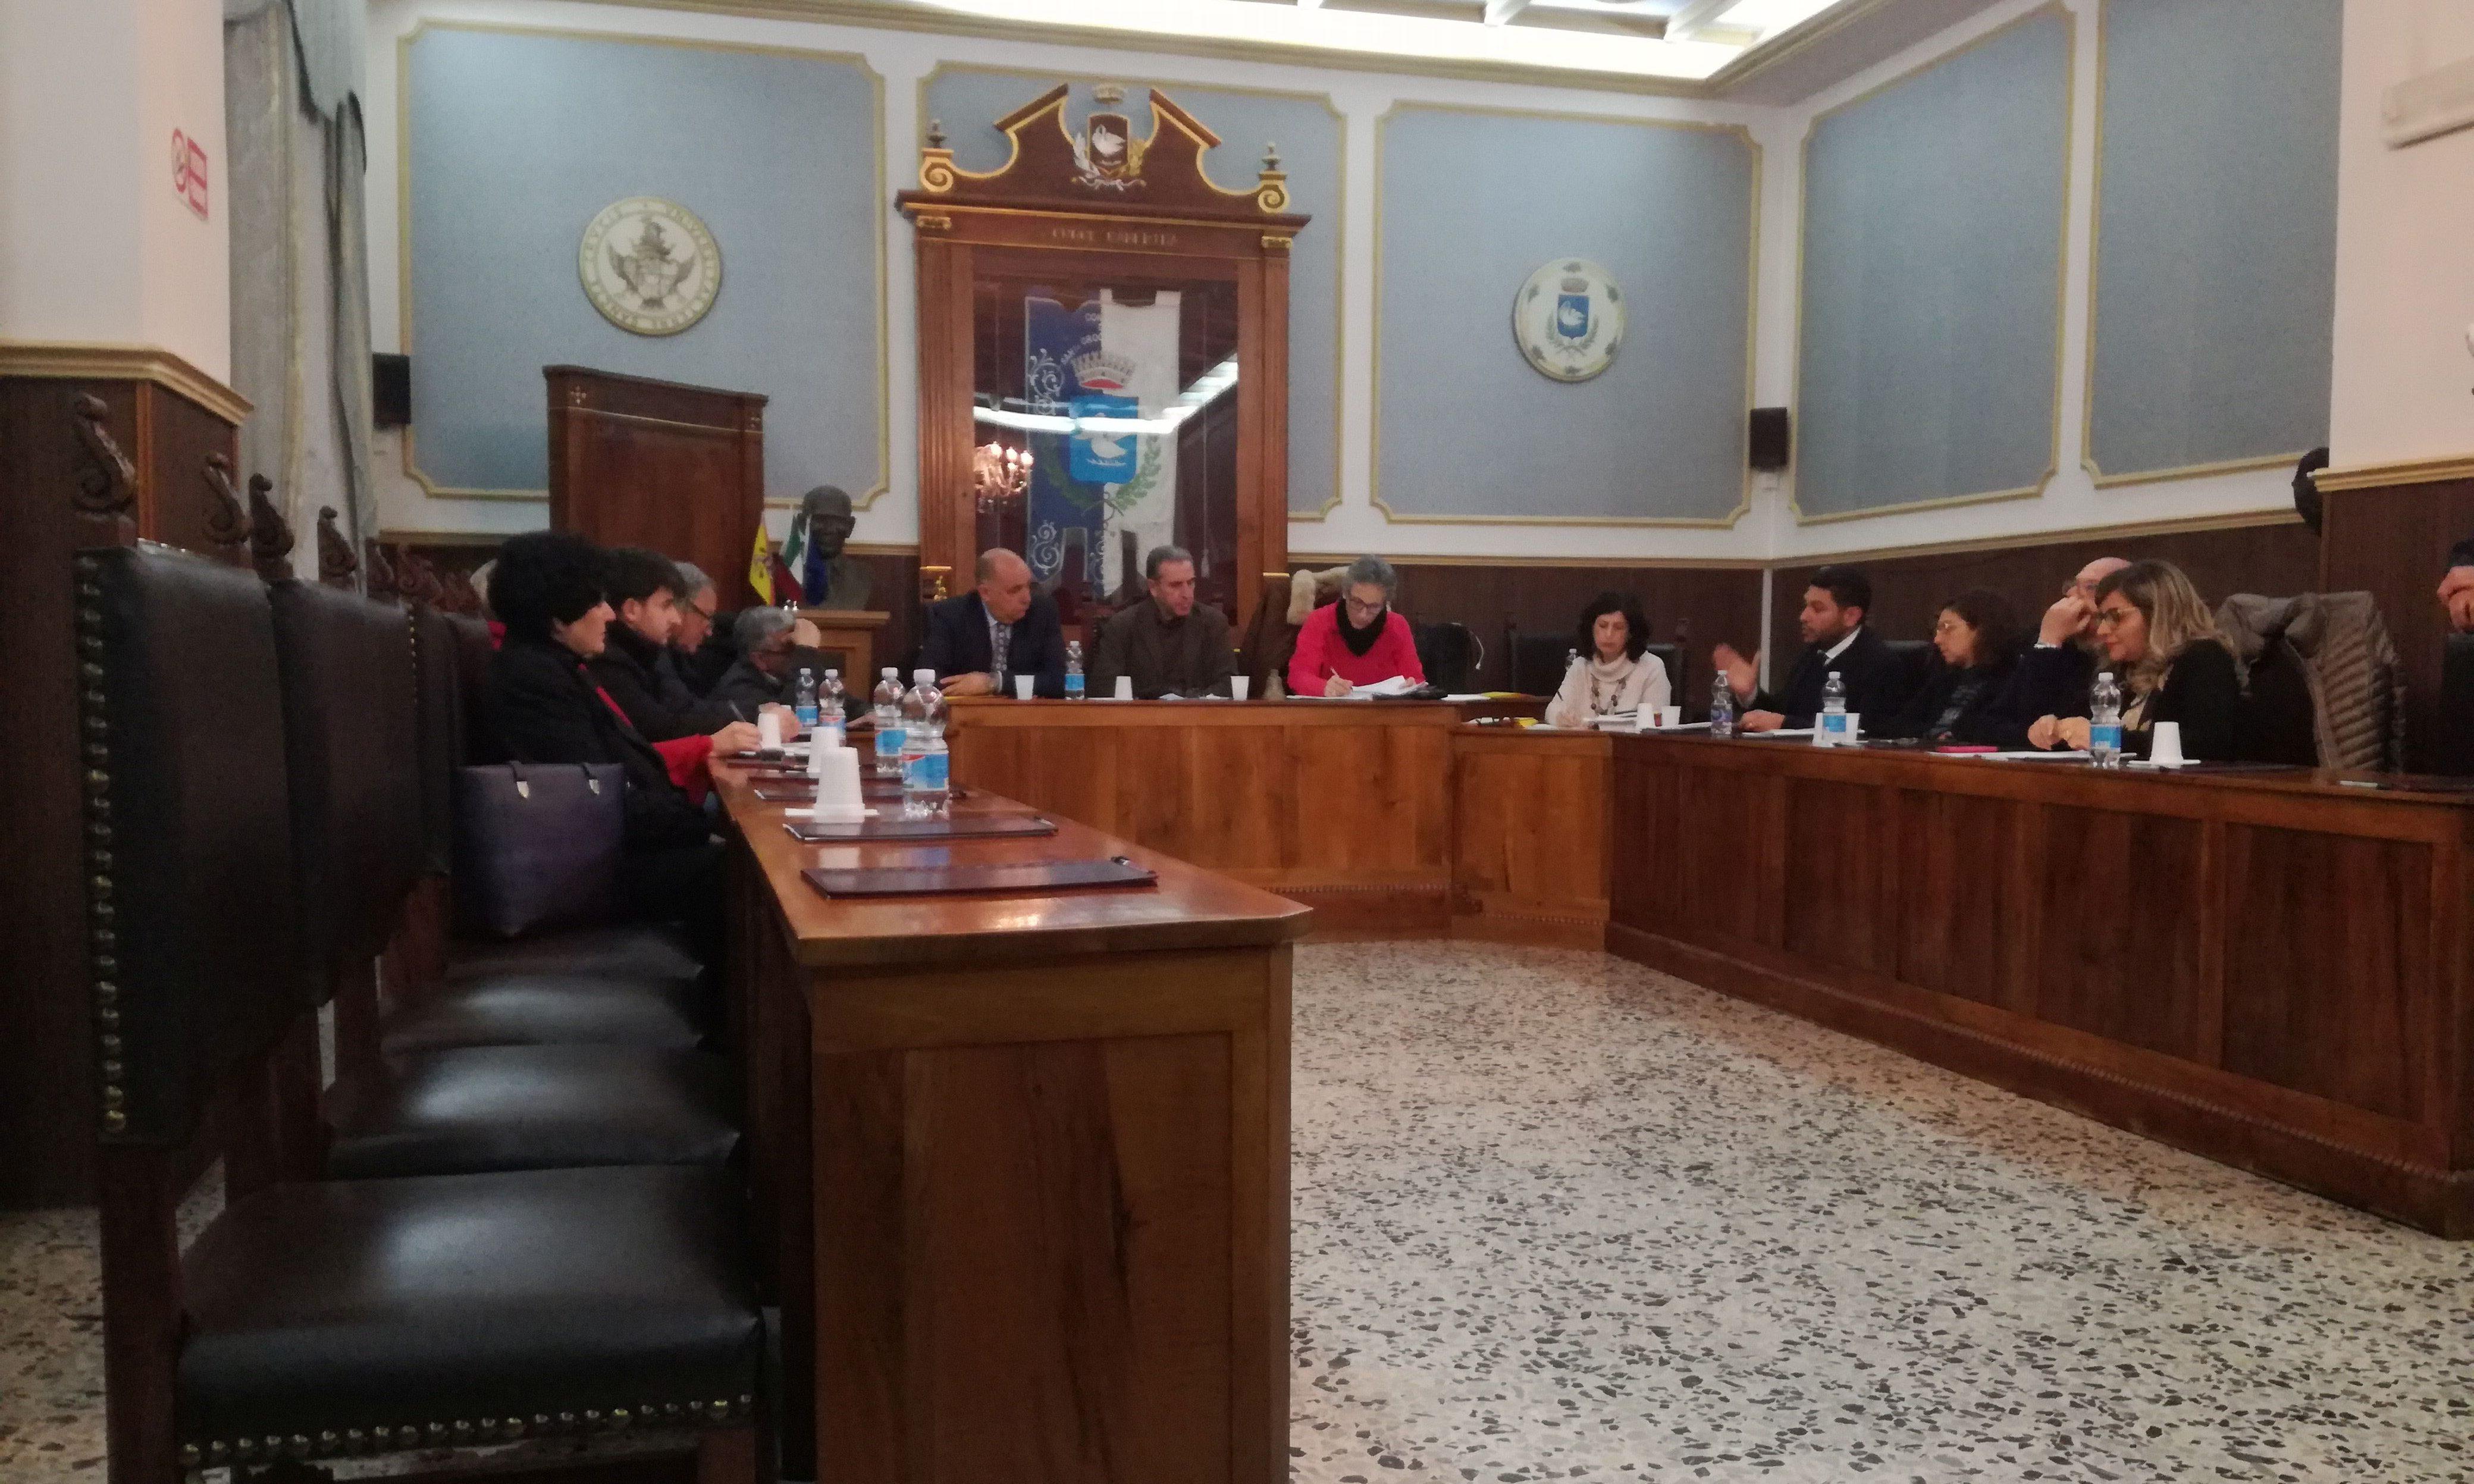 Il Consiglio si aggiorna, approvate le tariffe: Irpef aumenta tra le proteste